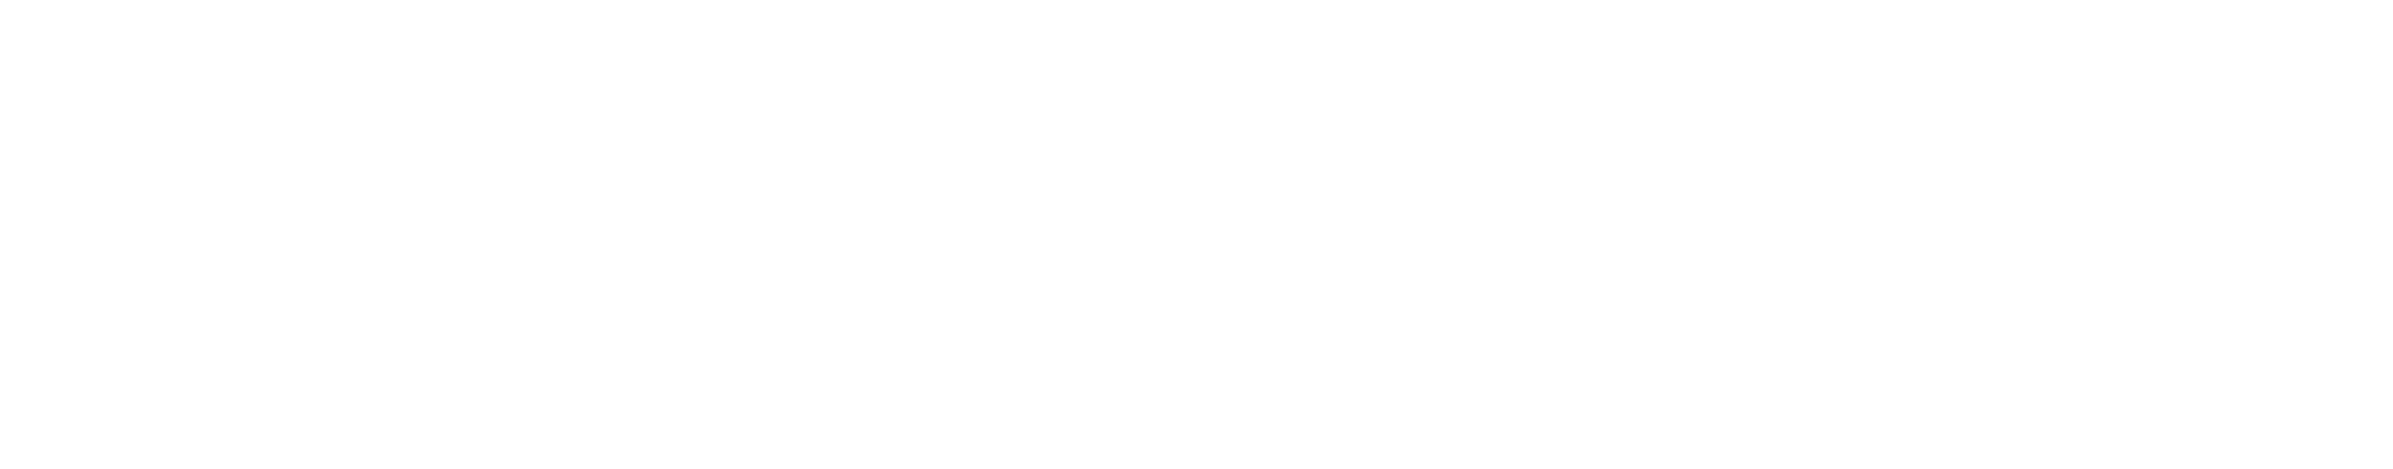 Lieferando.at Partnerblog